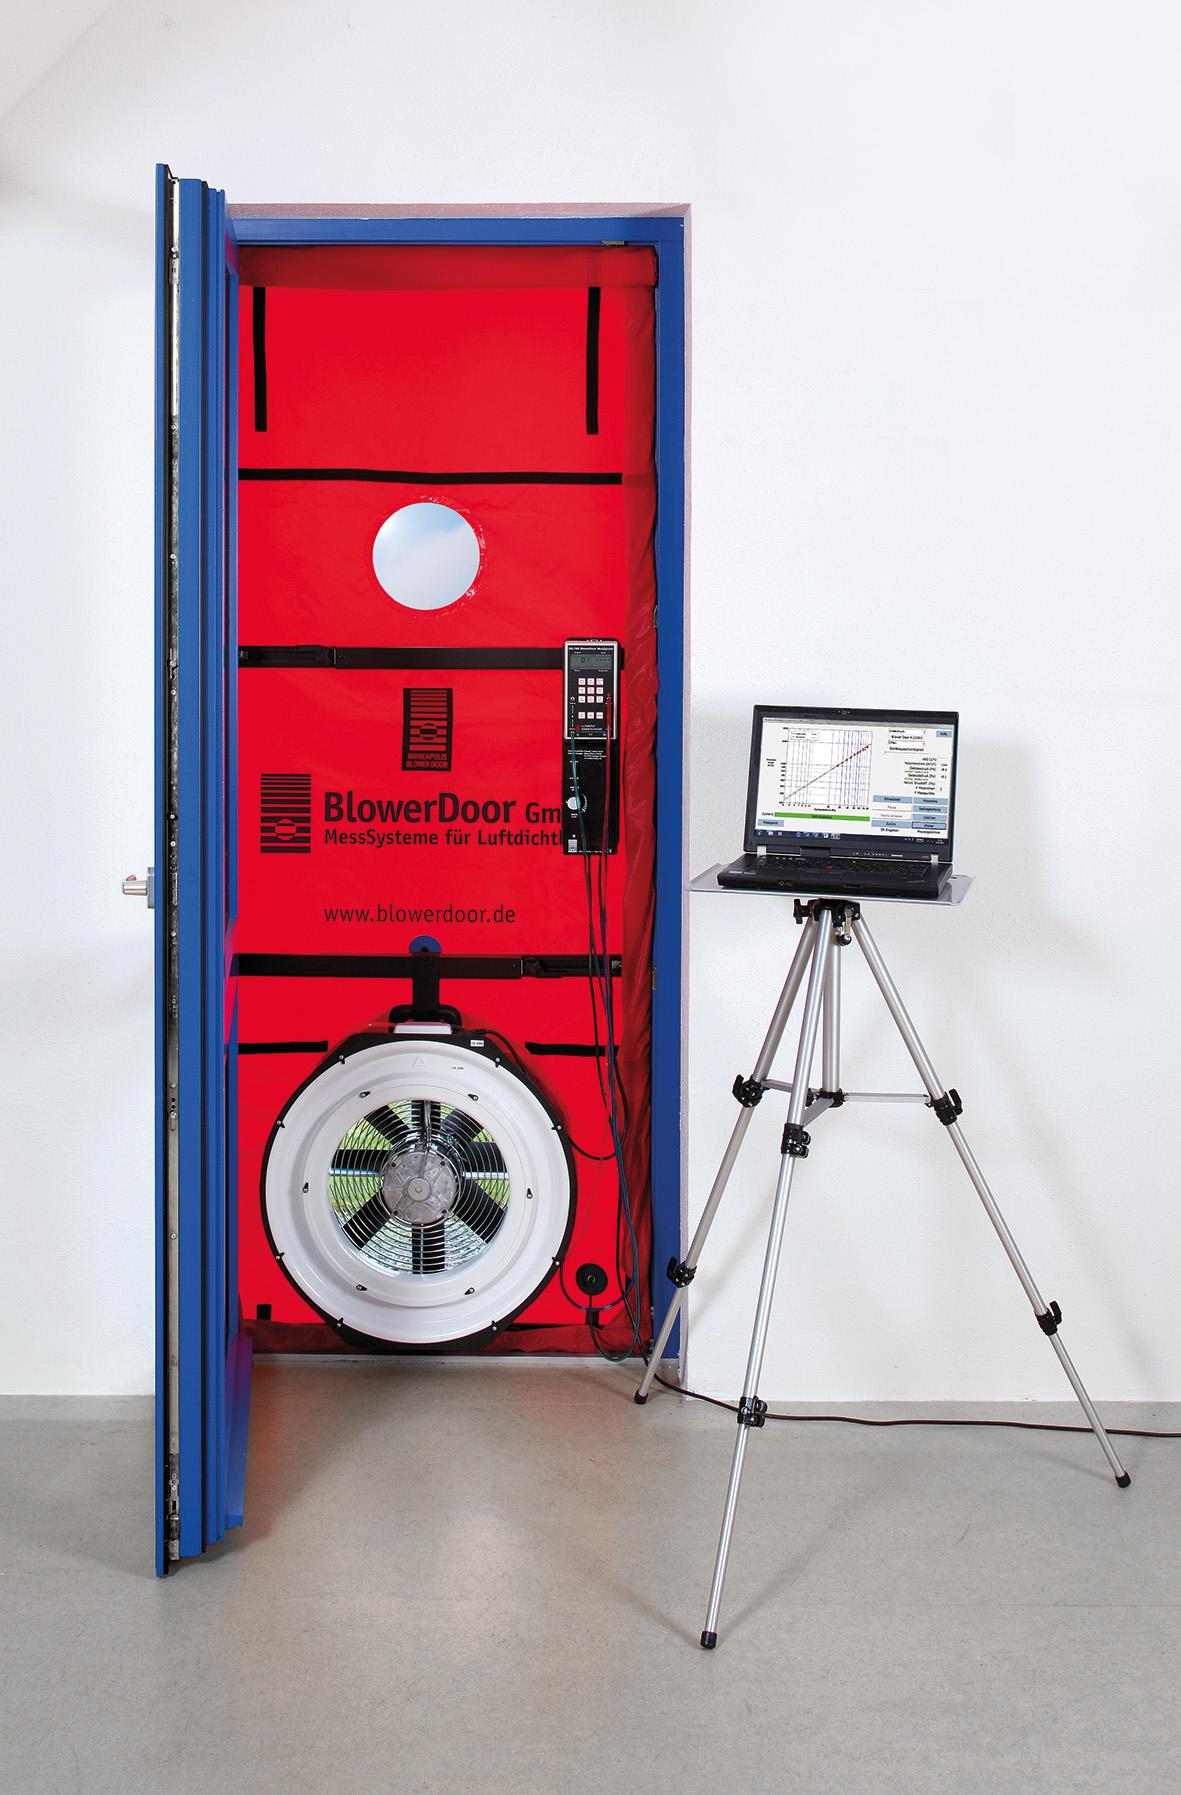 blower door l gt m rs g m r s. Black Bedroom Furniture Sets. Home Design Ideas